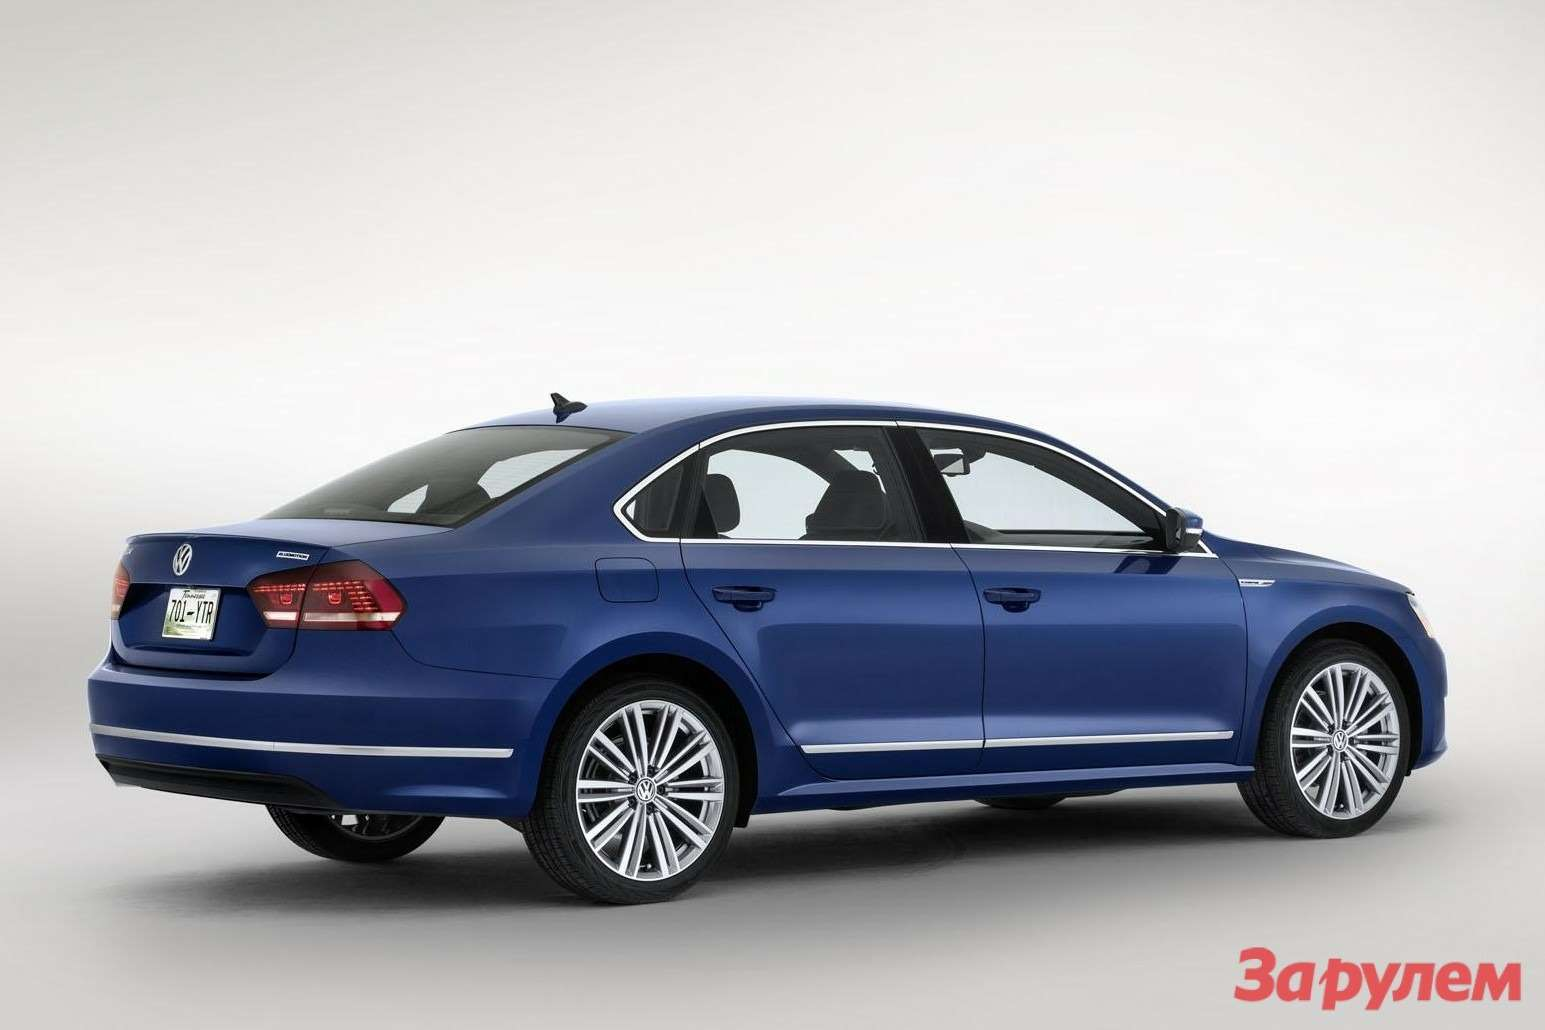 Volkswagen Passat BlueMotion Concept